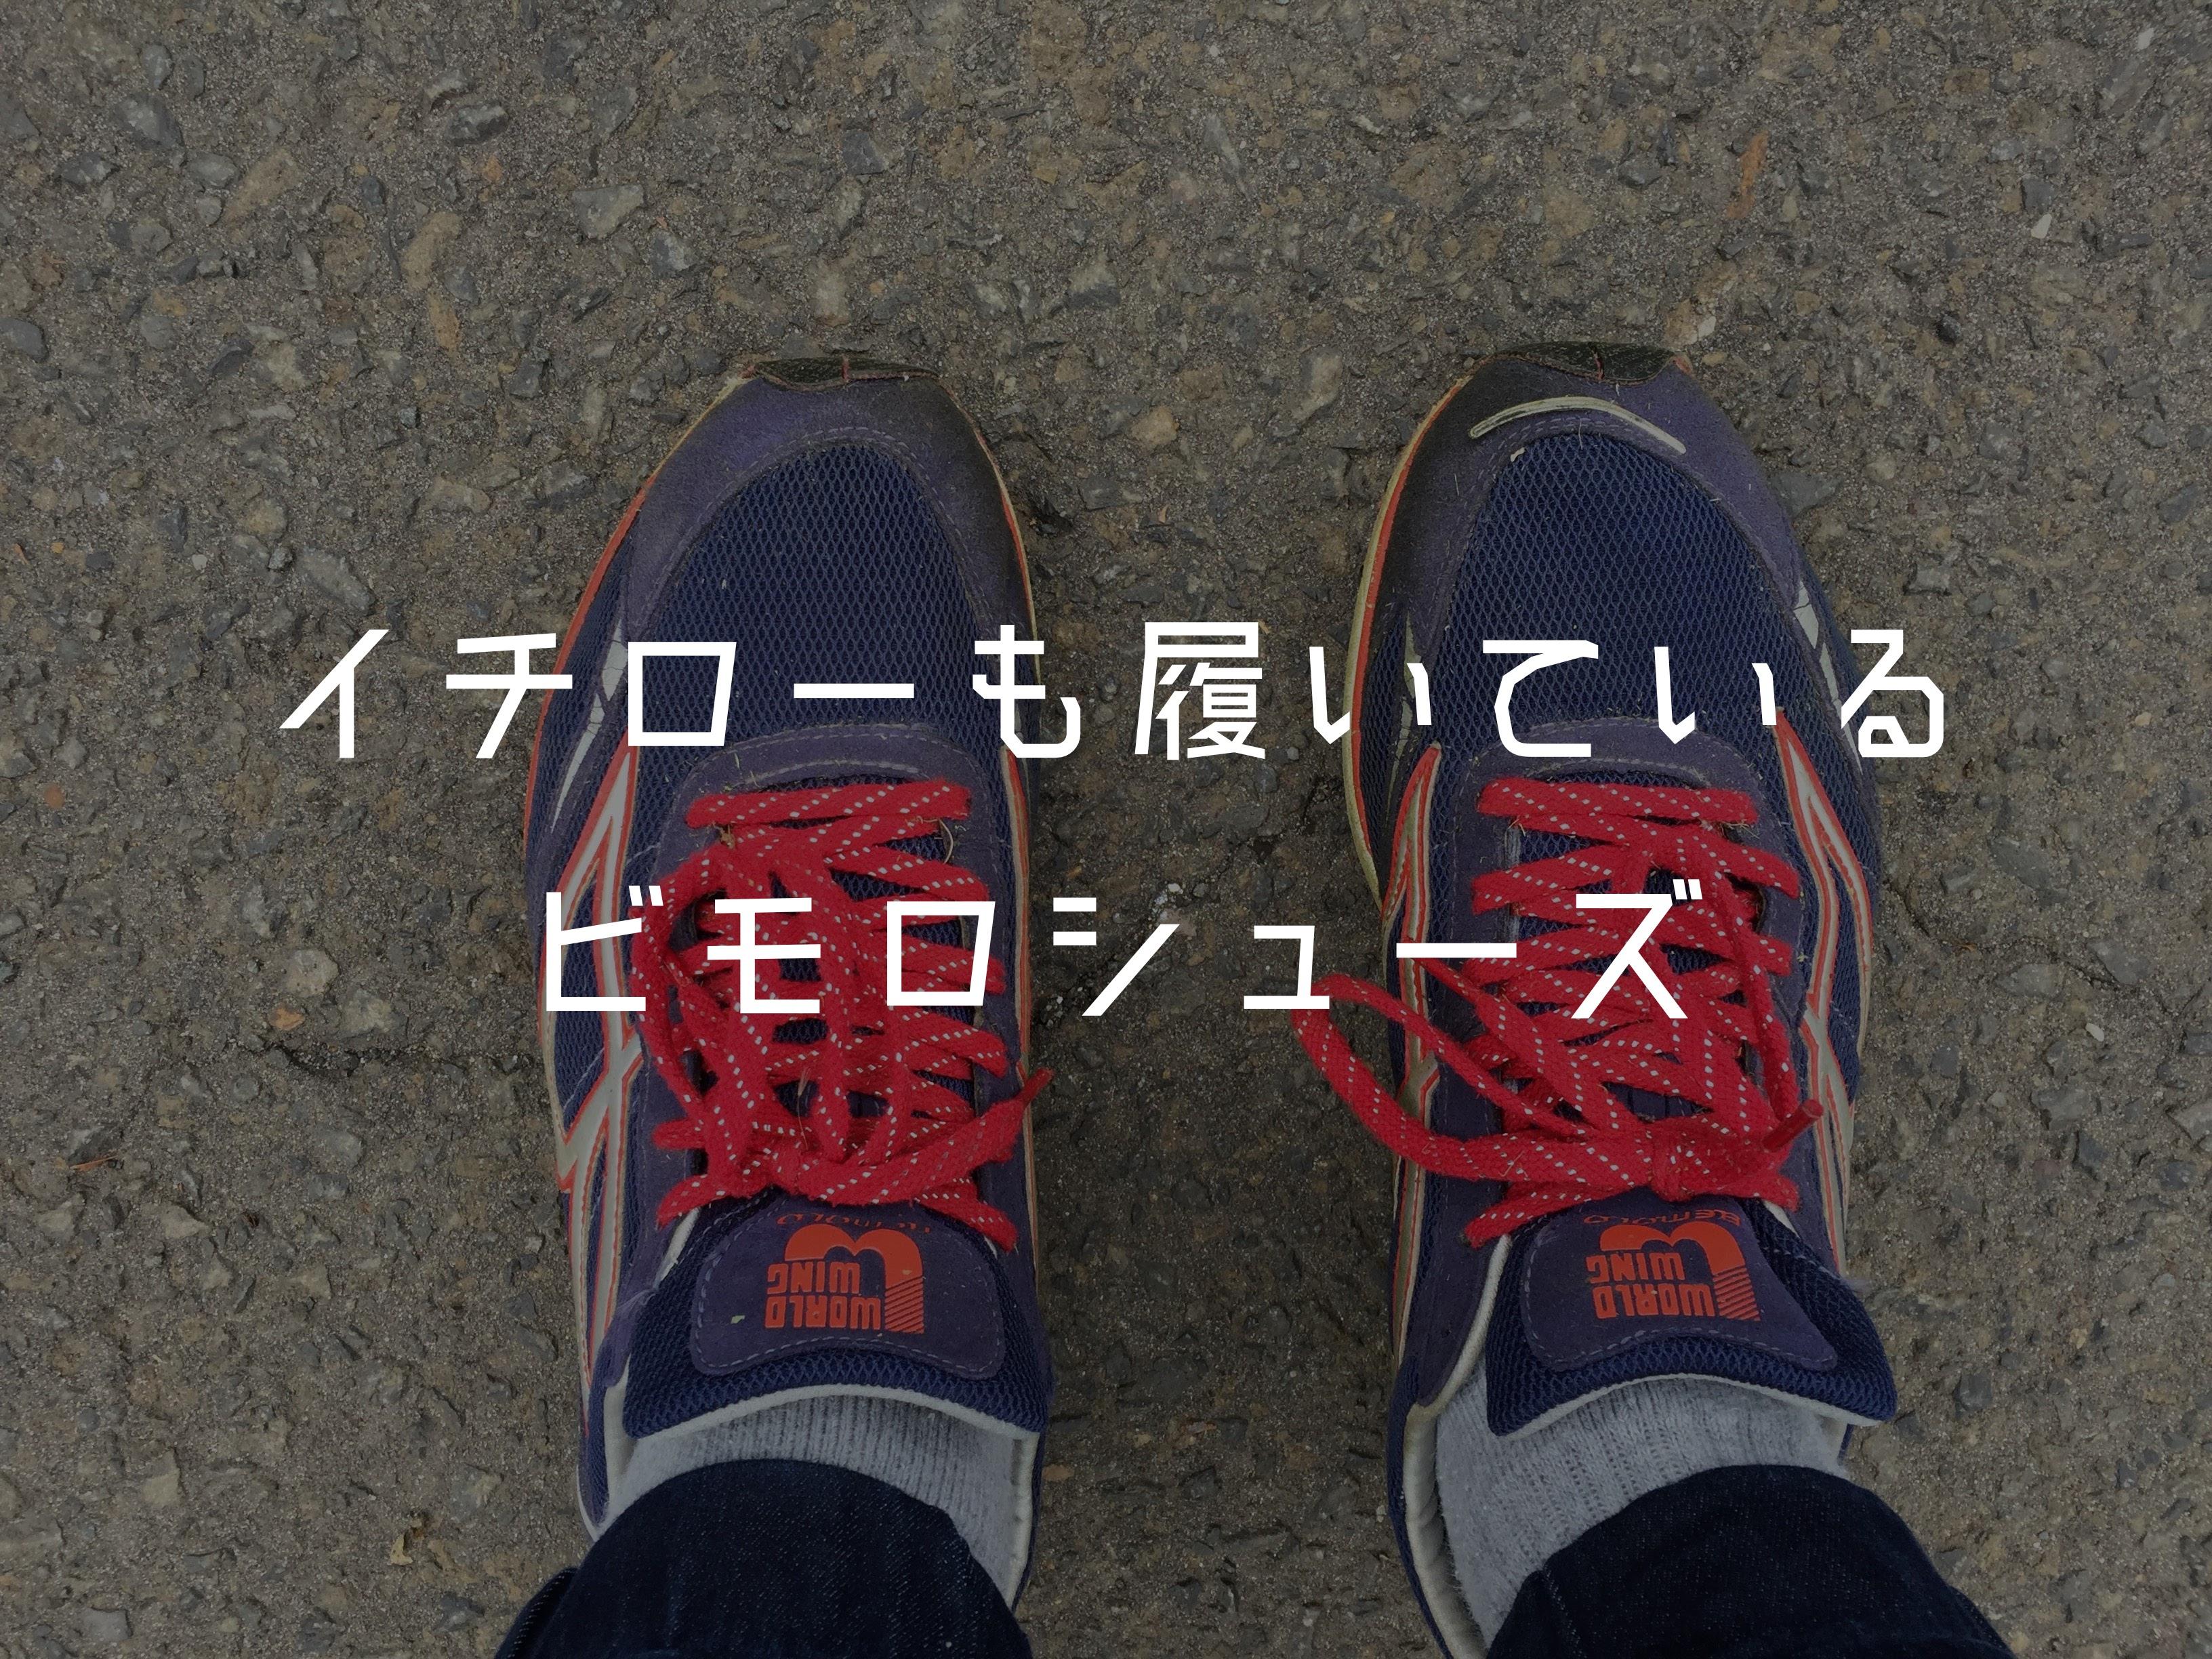 【愛用中】イチローも愛用するビモロシューズは今までで一番歩きやすい靴だった。